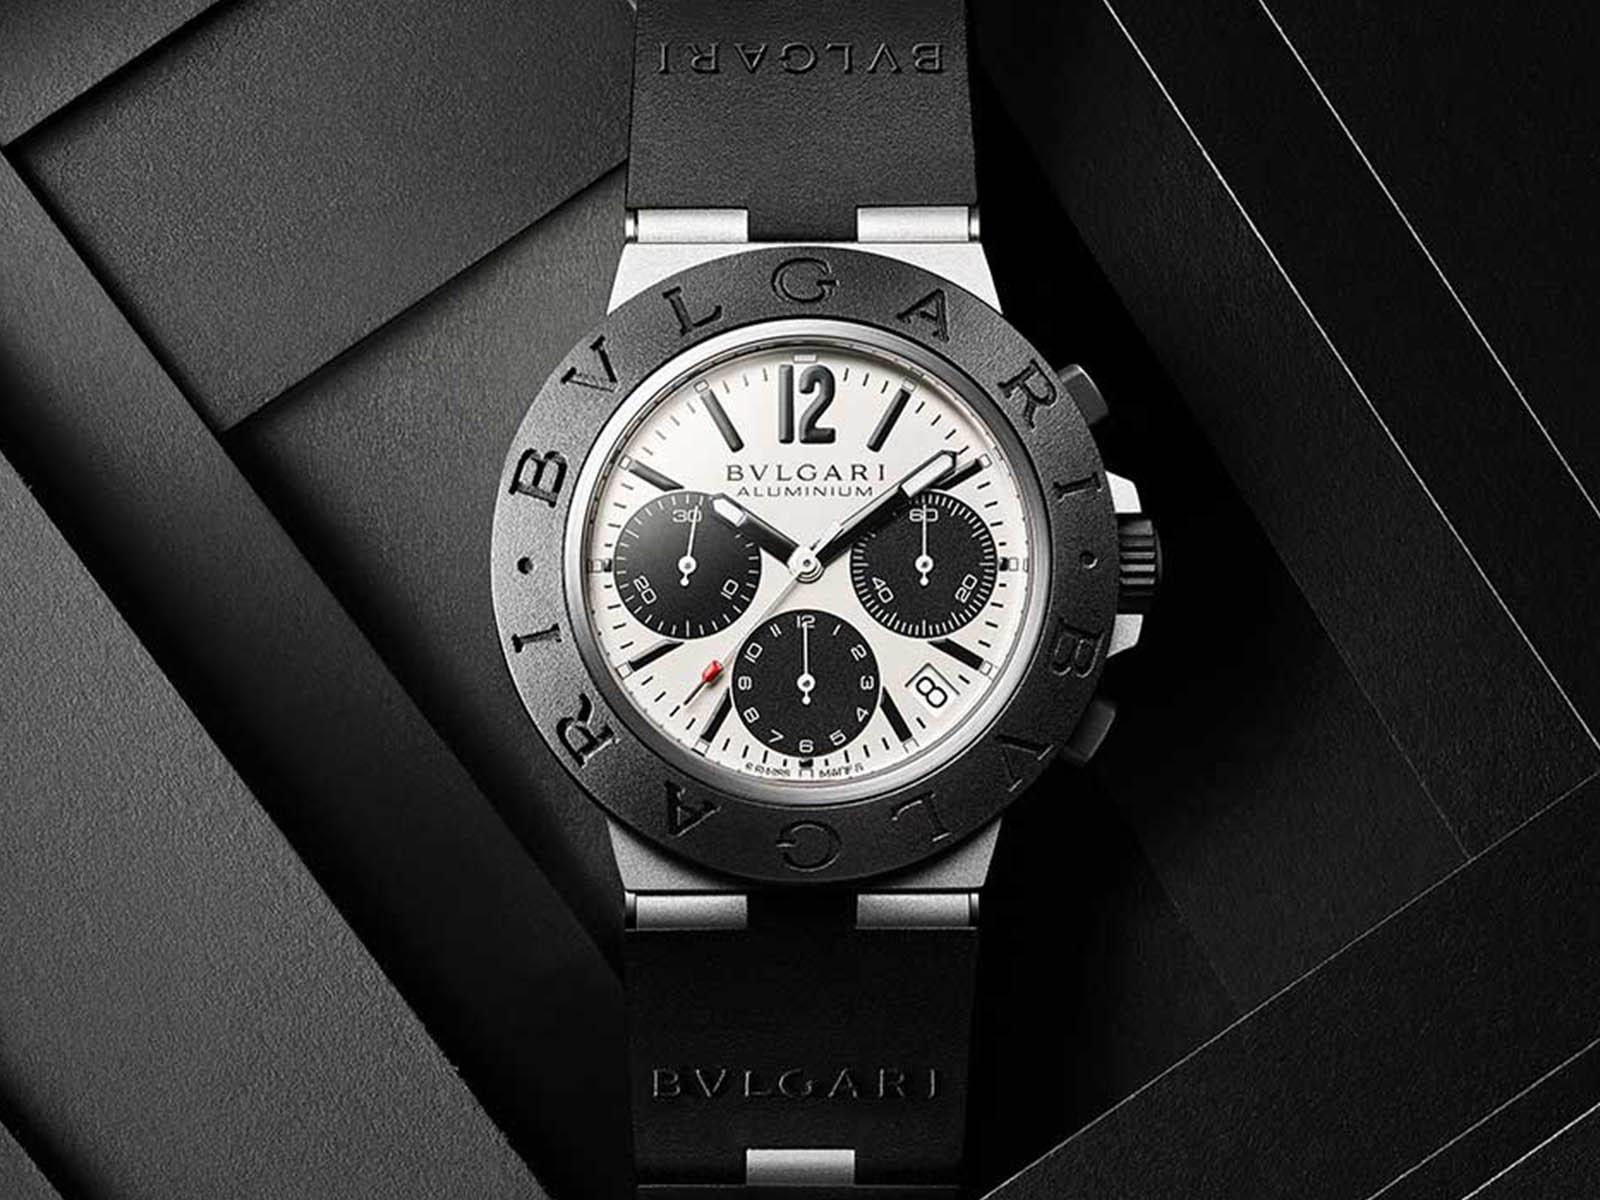 103383-bvlgari-aluminium-chronograph-2.jpg